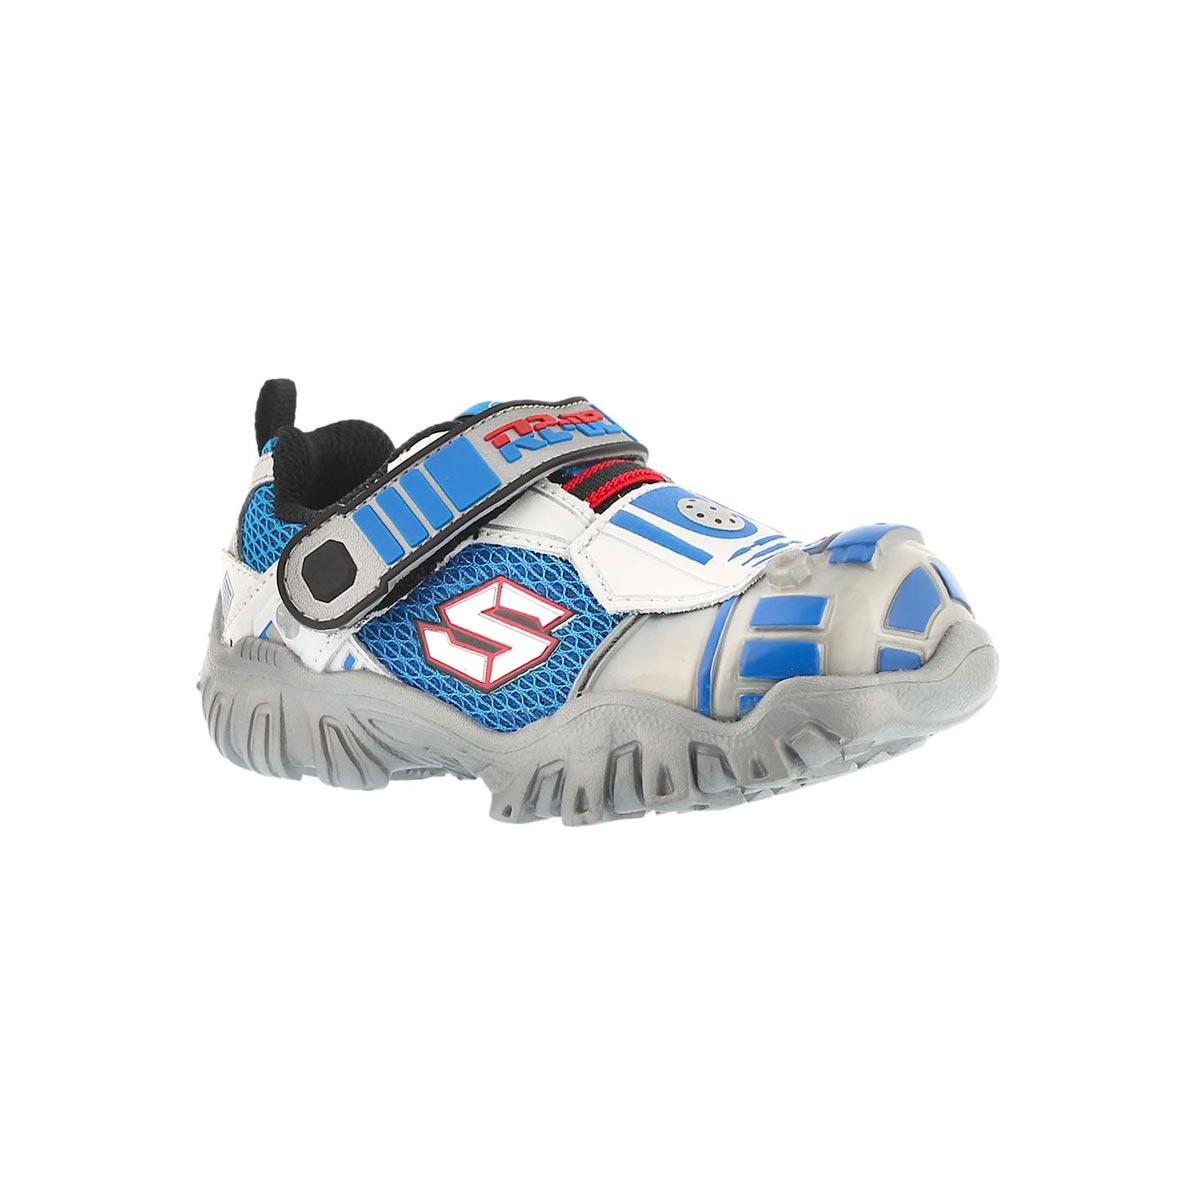 Inf Astromech silv/blk light up sneaker